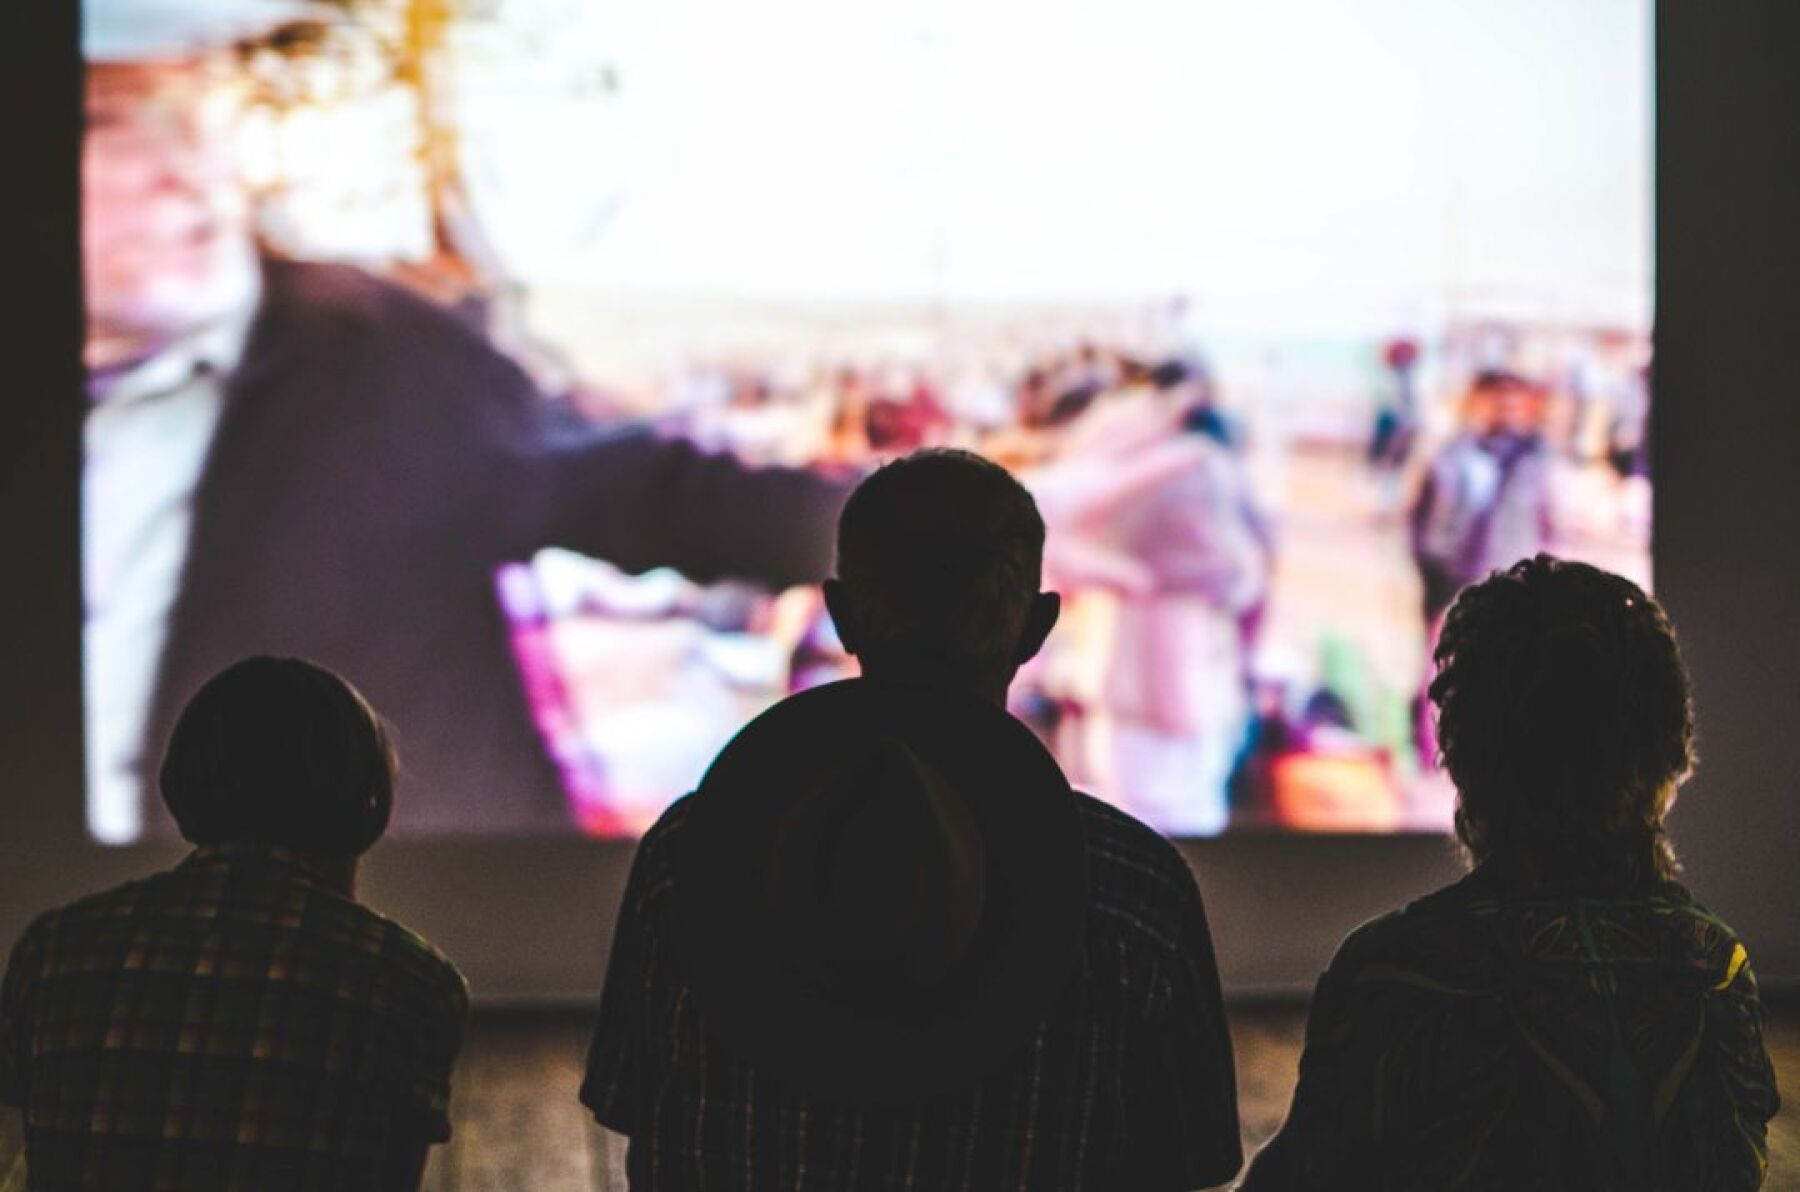 Cinema Artois lleva el cine a los muros de la cdmx